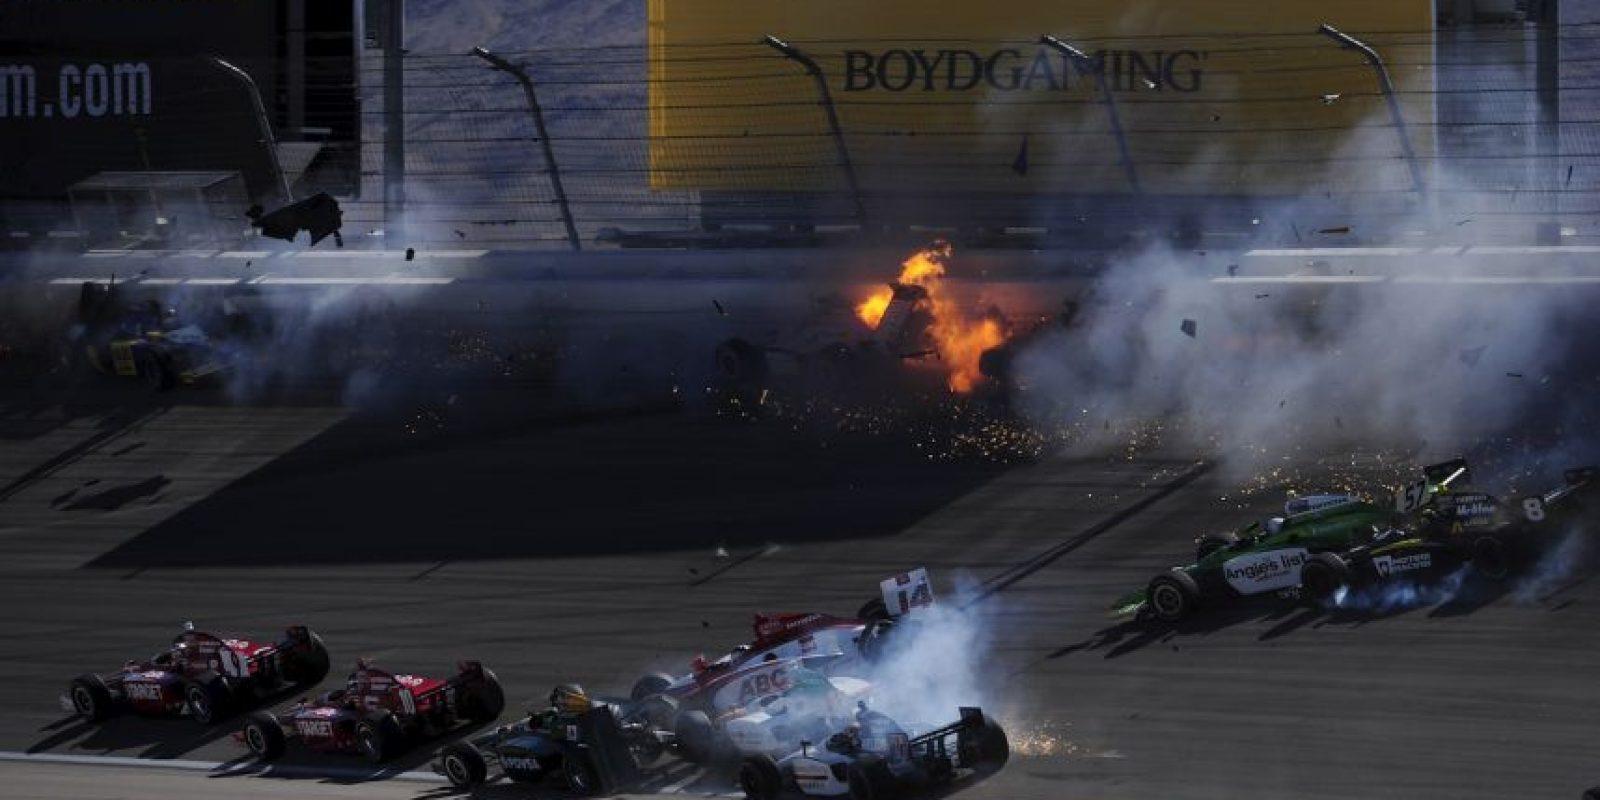 Se corría la vuelta 12 de la competencia cuando un auto se atravesó a otros y provocó un accidente que involucró a 15 automóviles, cuya peor parte se llevó Wheldon quien no logró sobrevivir a las lesiones. Foto:Getty Images